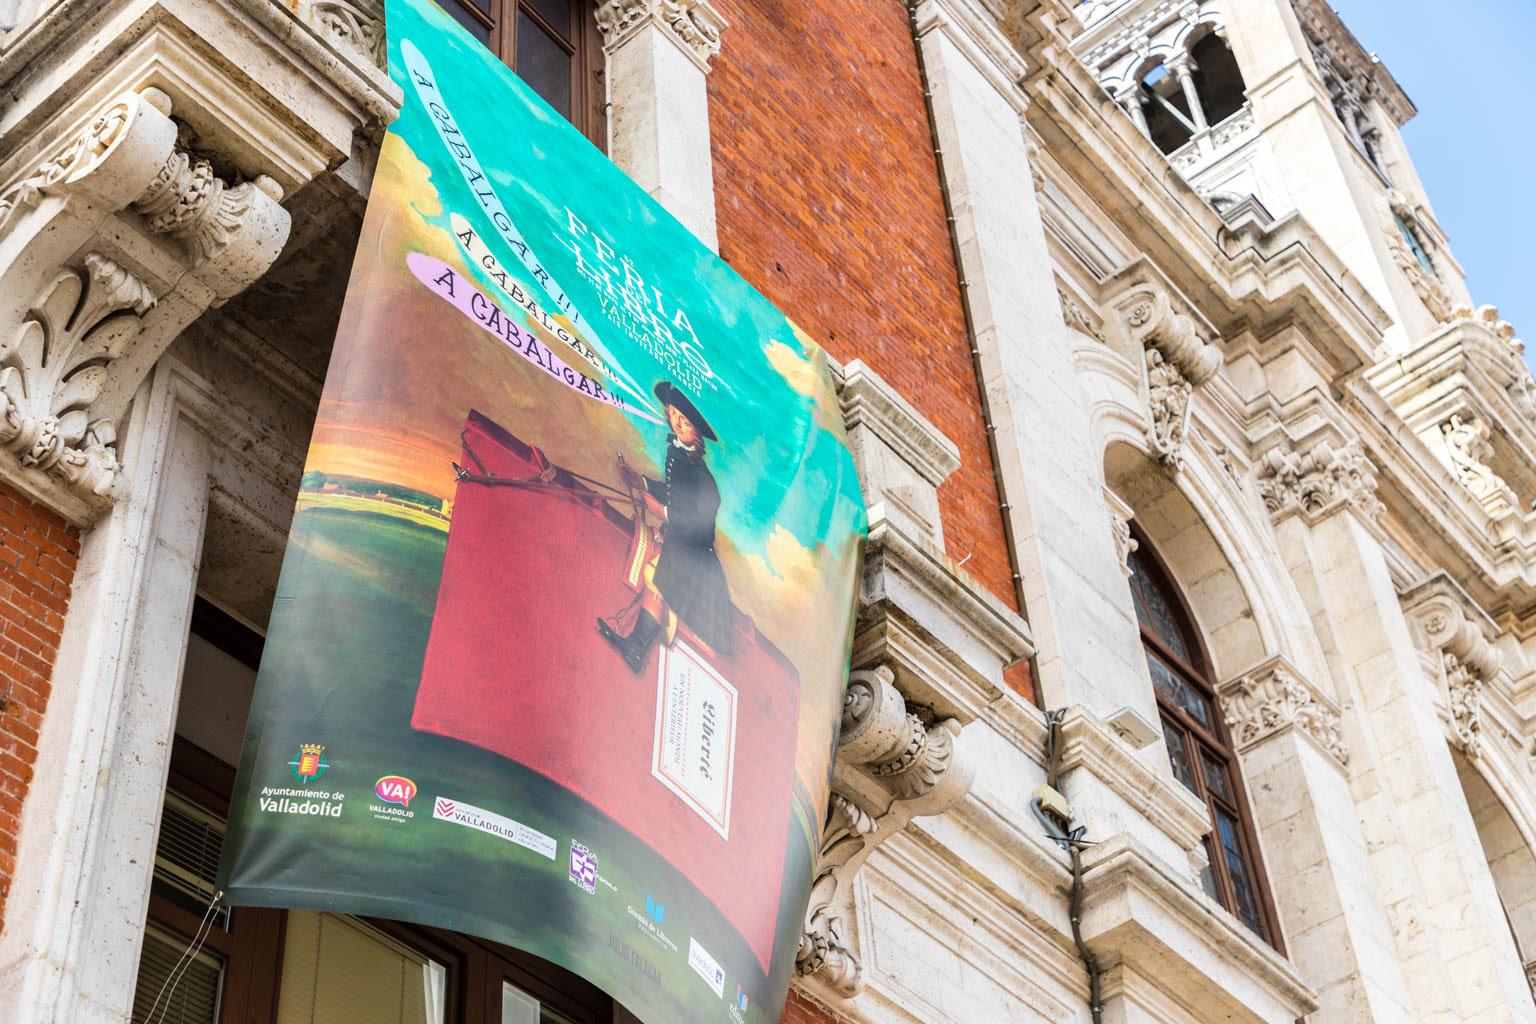 """Lona ayuntamiento 2 - Diseño editorial - Maquetación de los soportes """"Feria del Libro de Valladolid 2019"""""""